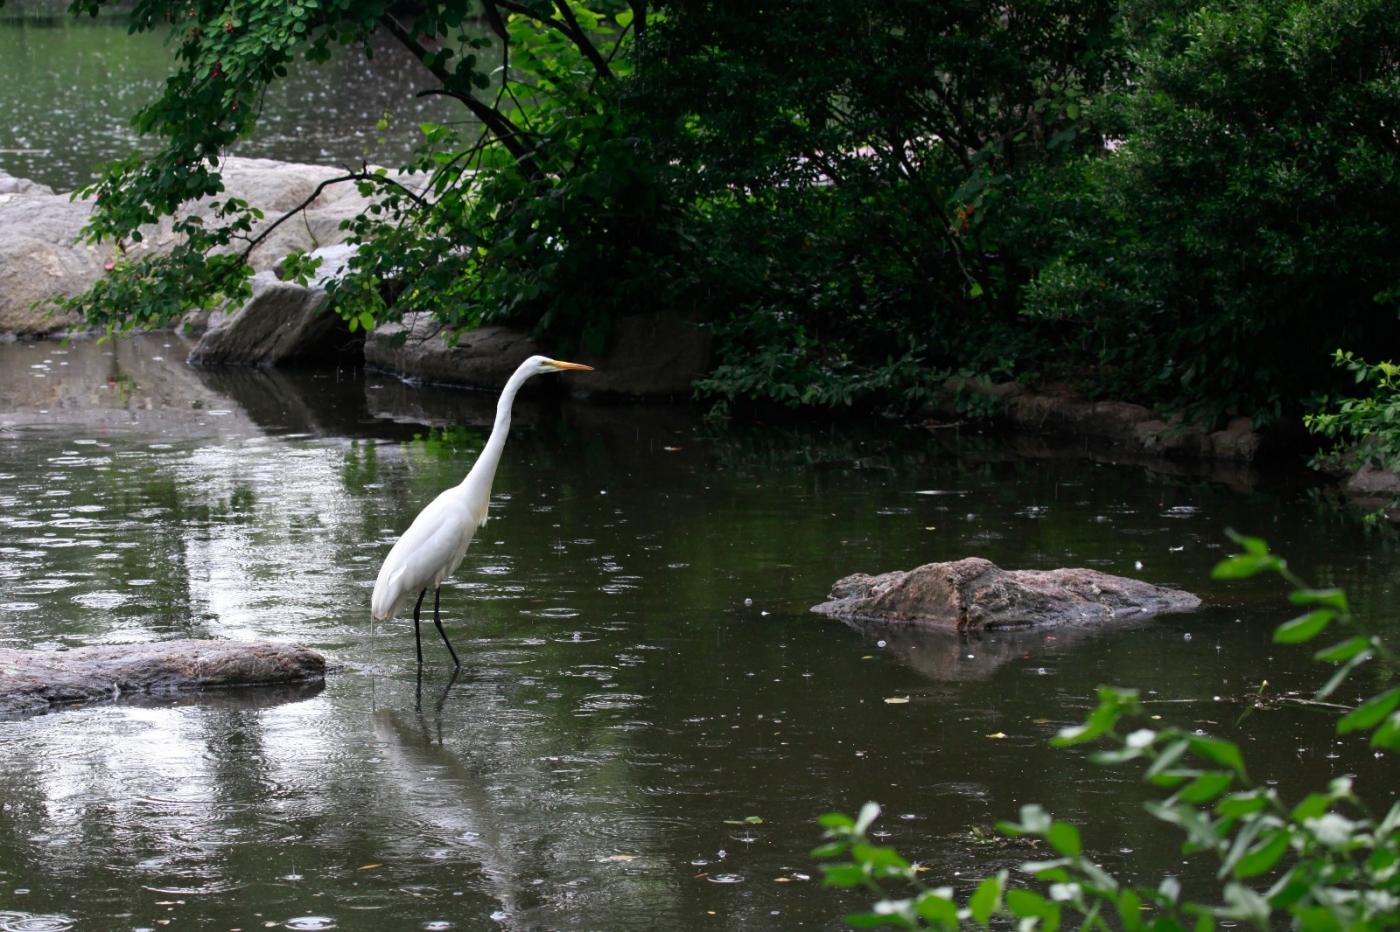 中央公园的白鹭,姿态优美,游客喜爱_图1-5